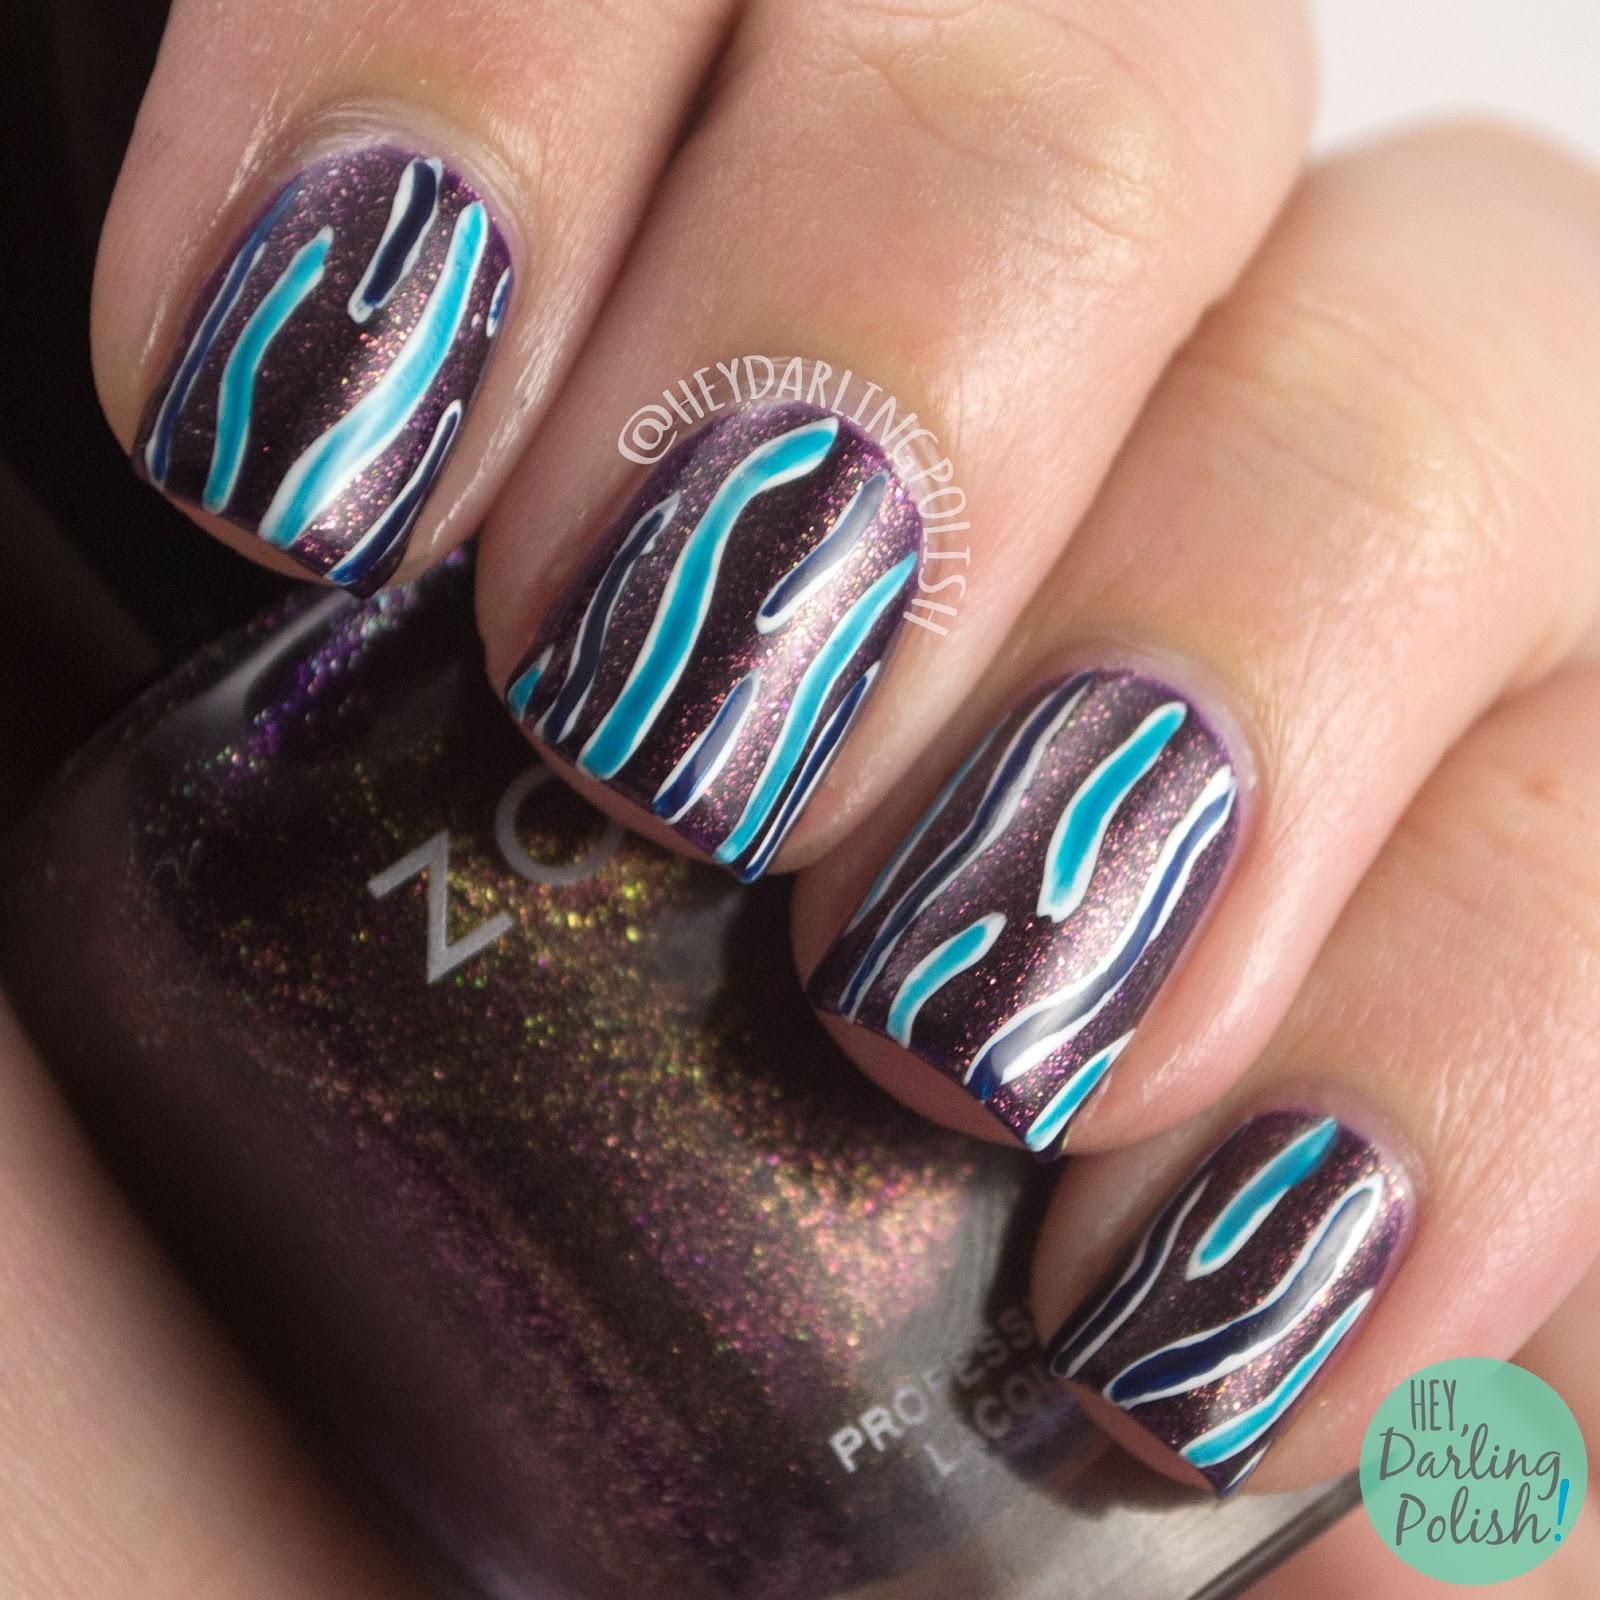 nails, nail art, nail polish, hey darling polish, stripes, purple, blue, wavy lines, the nail challenge collaborative